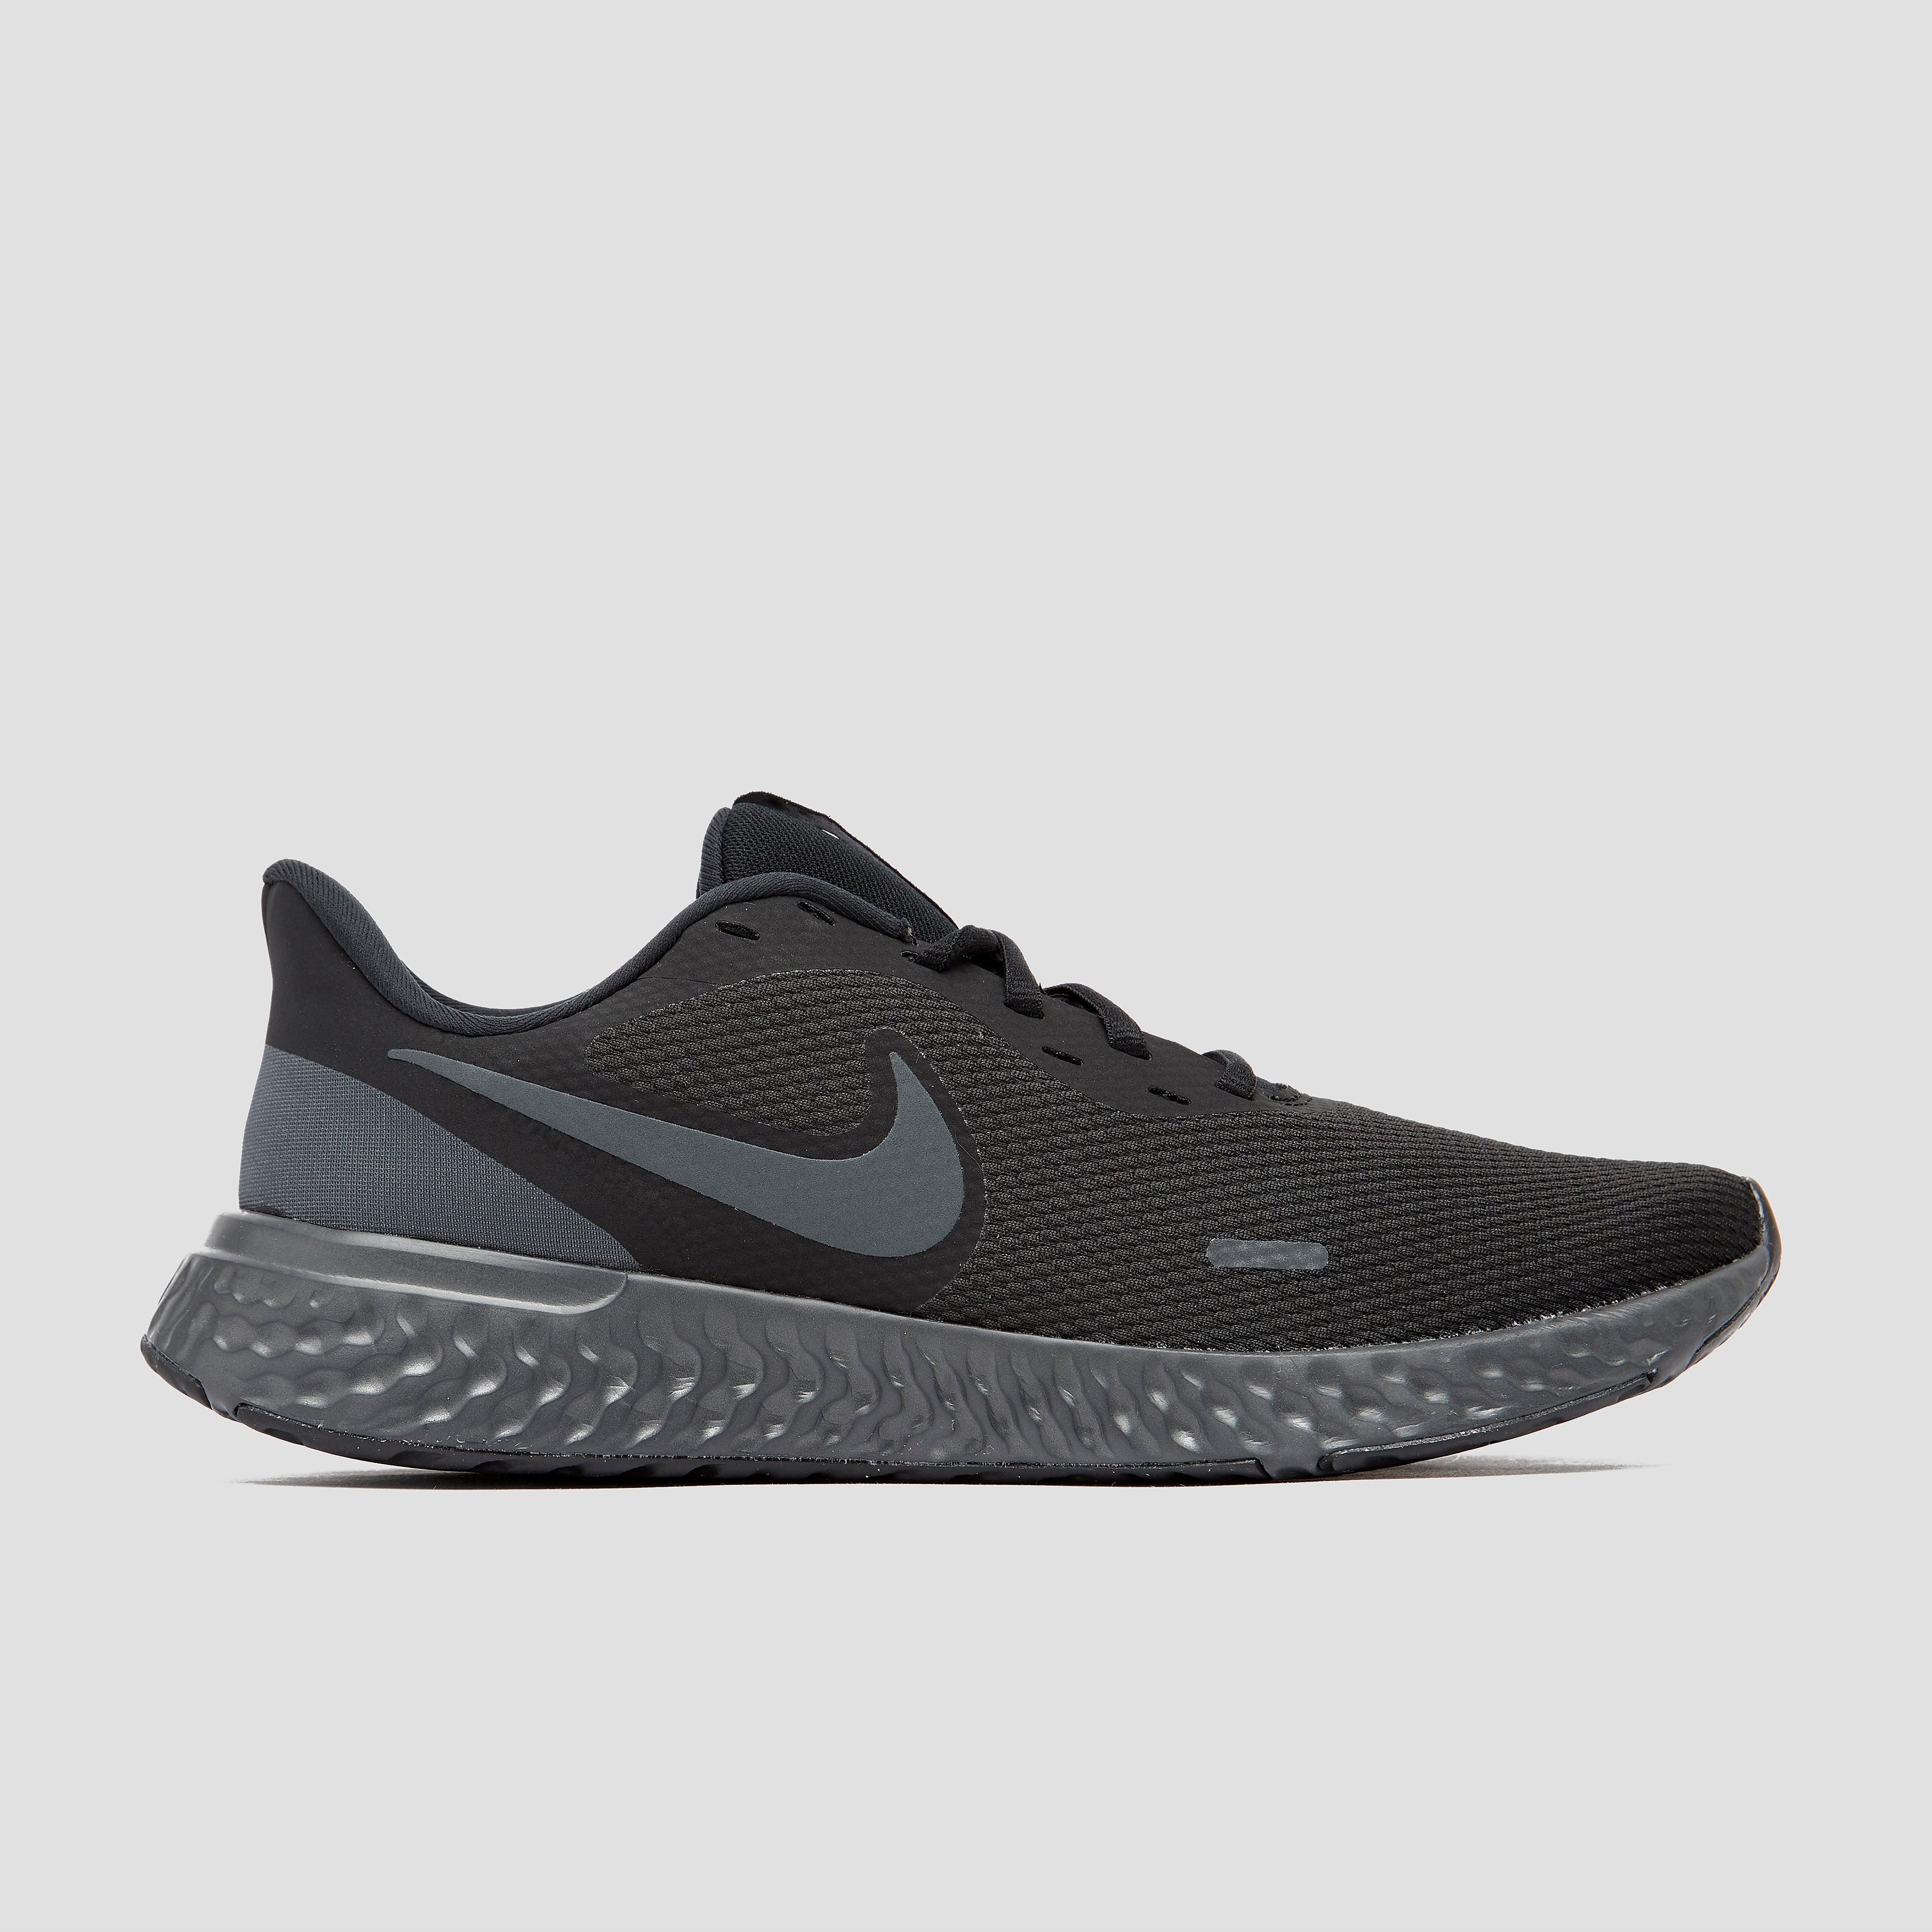 Nike revolution 5 hardloopschoenen zwart/grijs heren online kopen